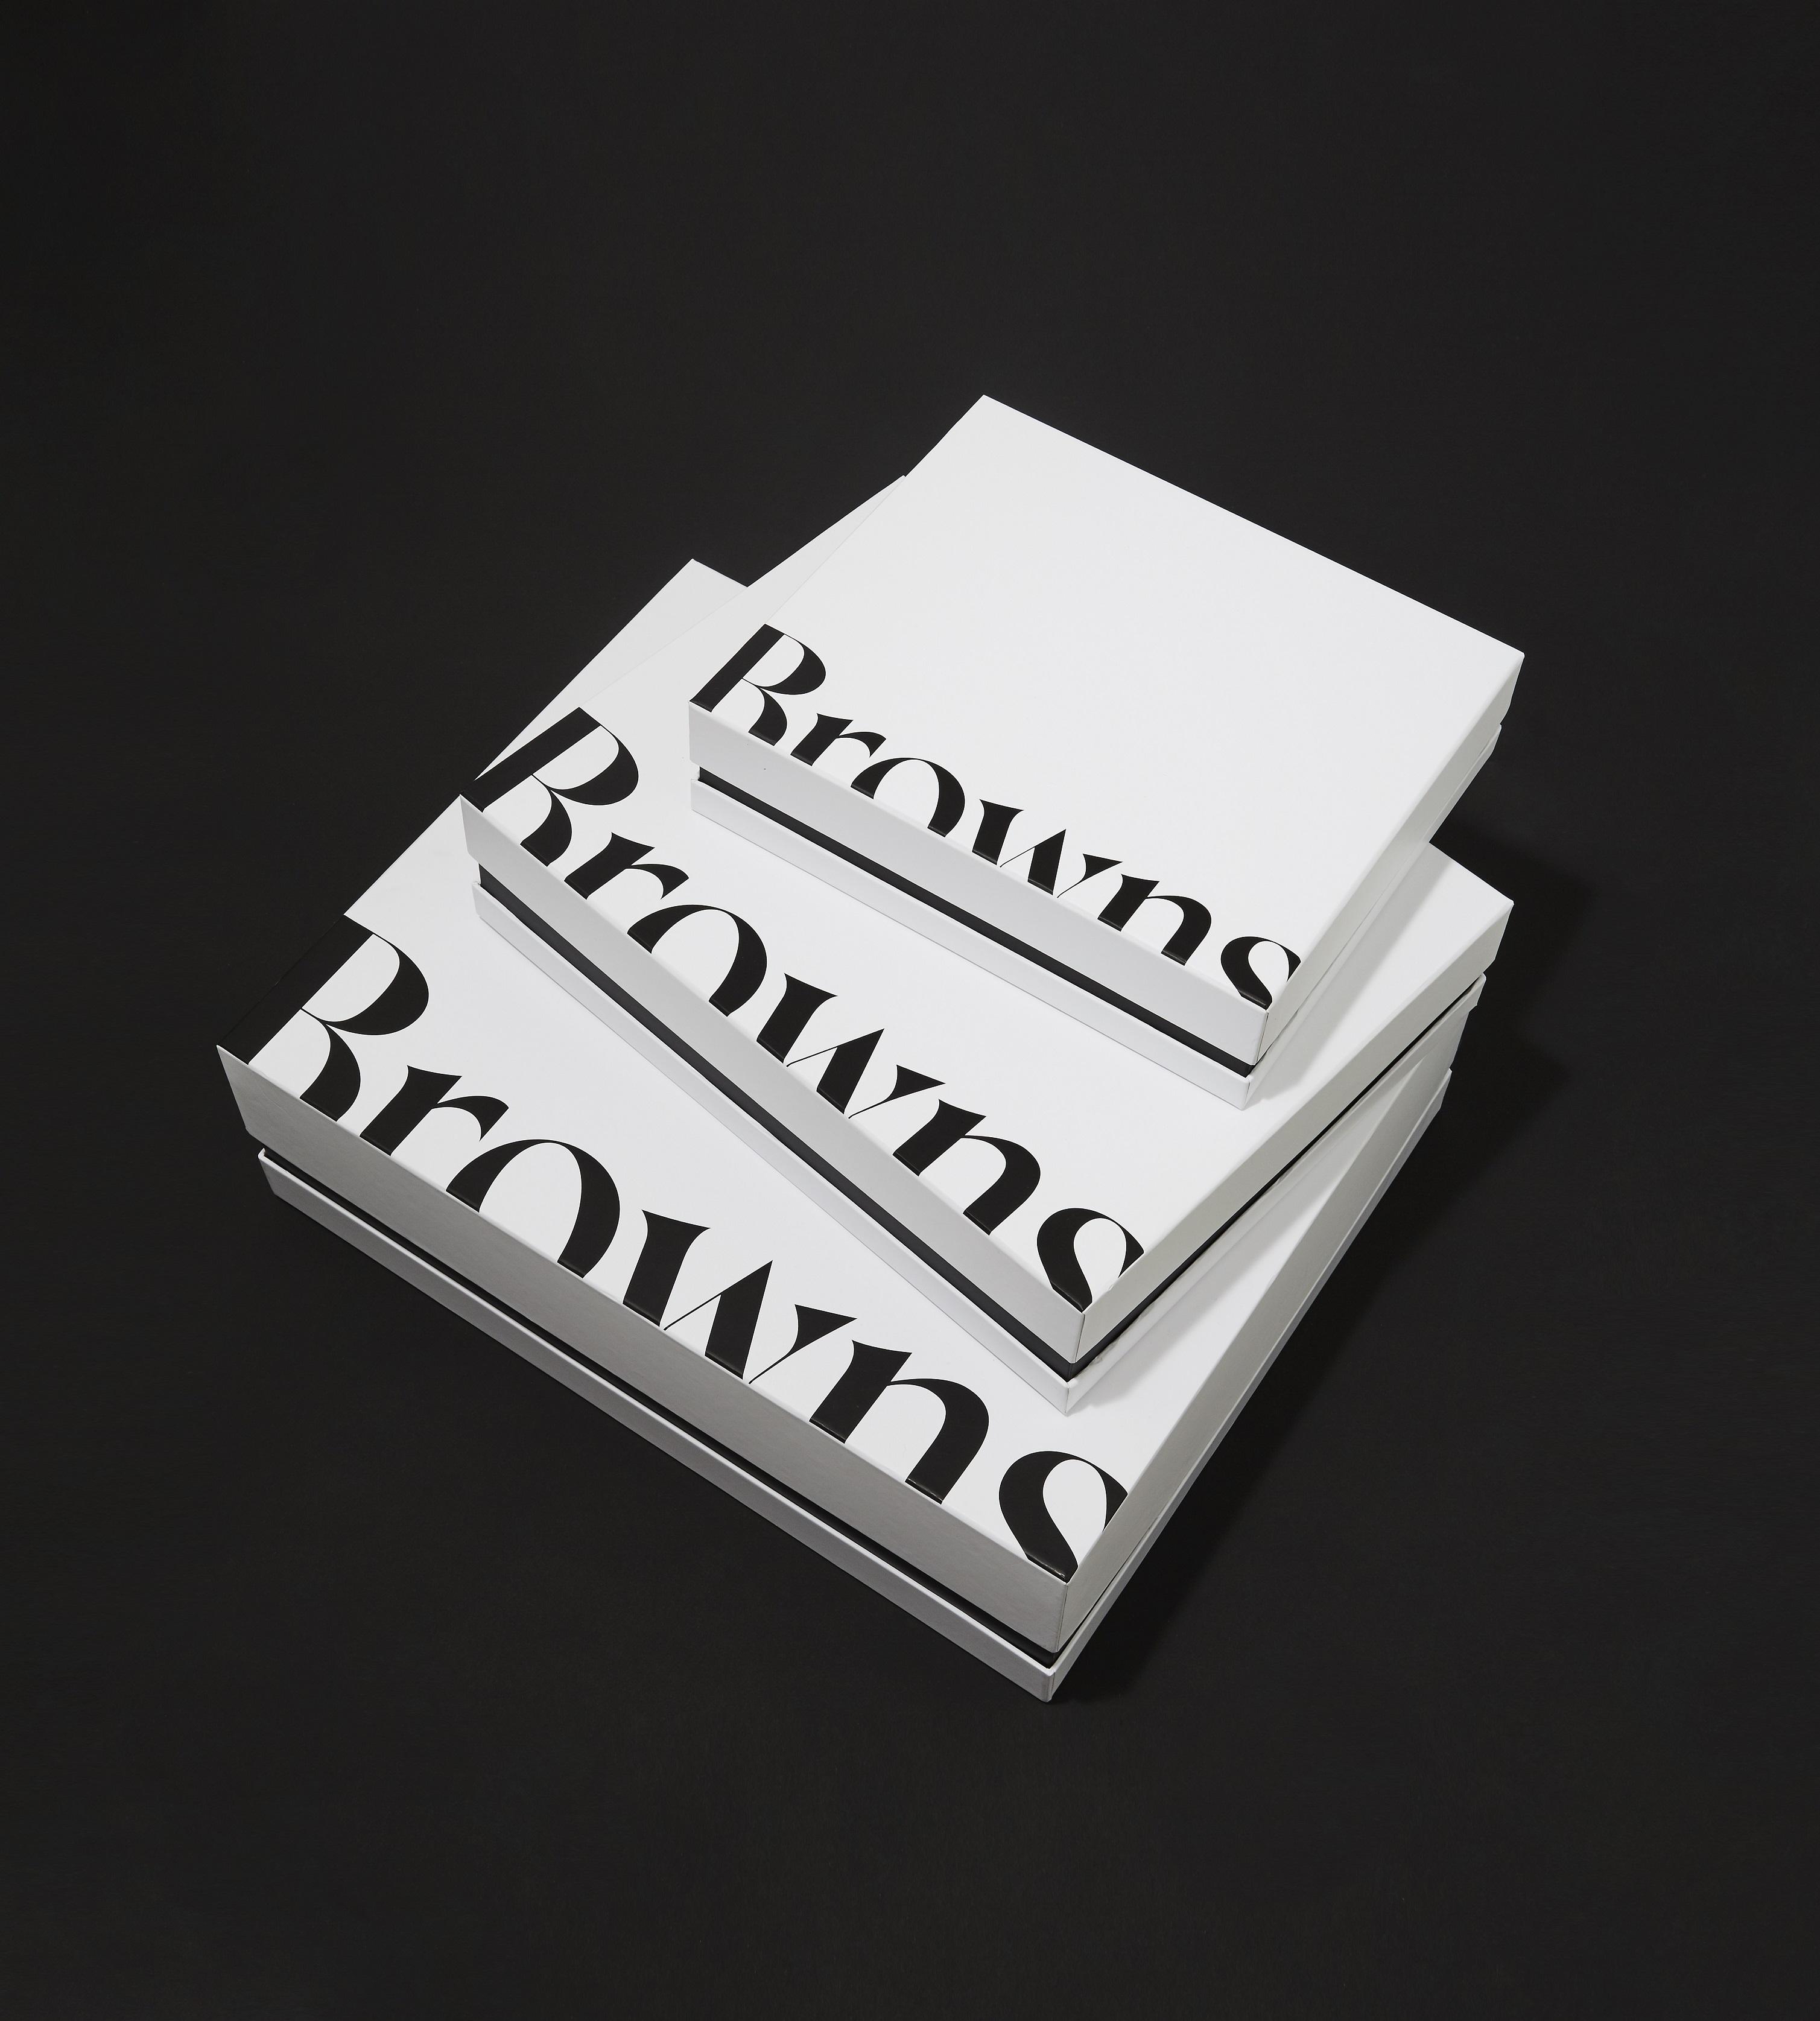 browns_embargo-14-11-10_overhead